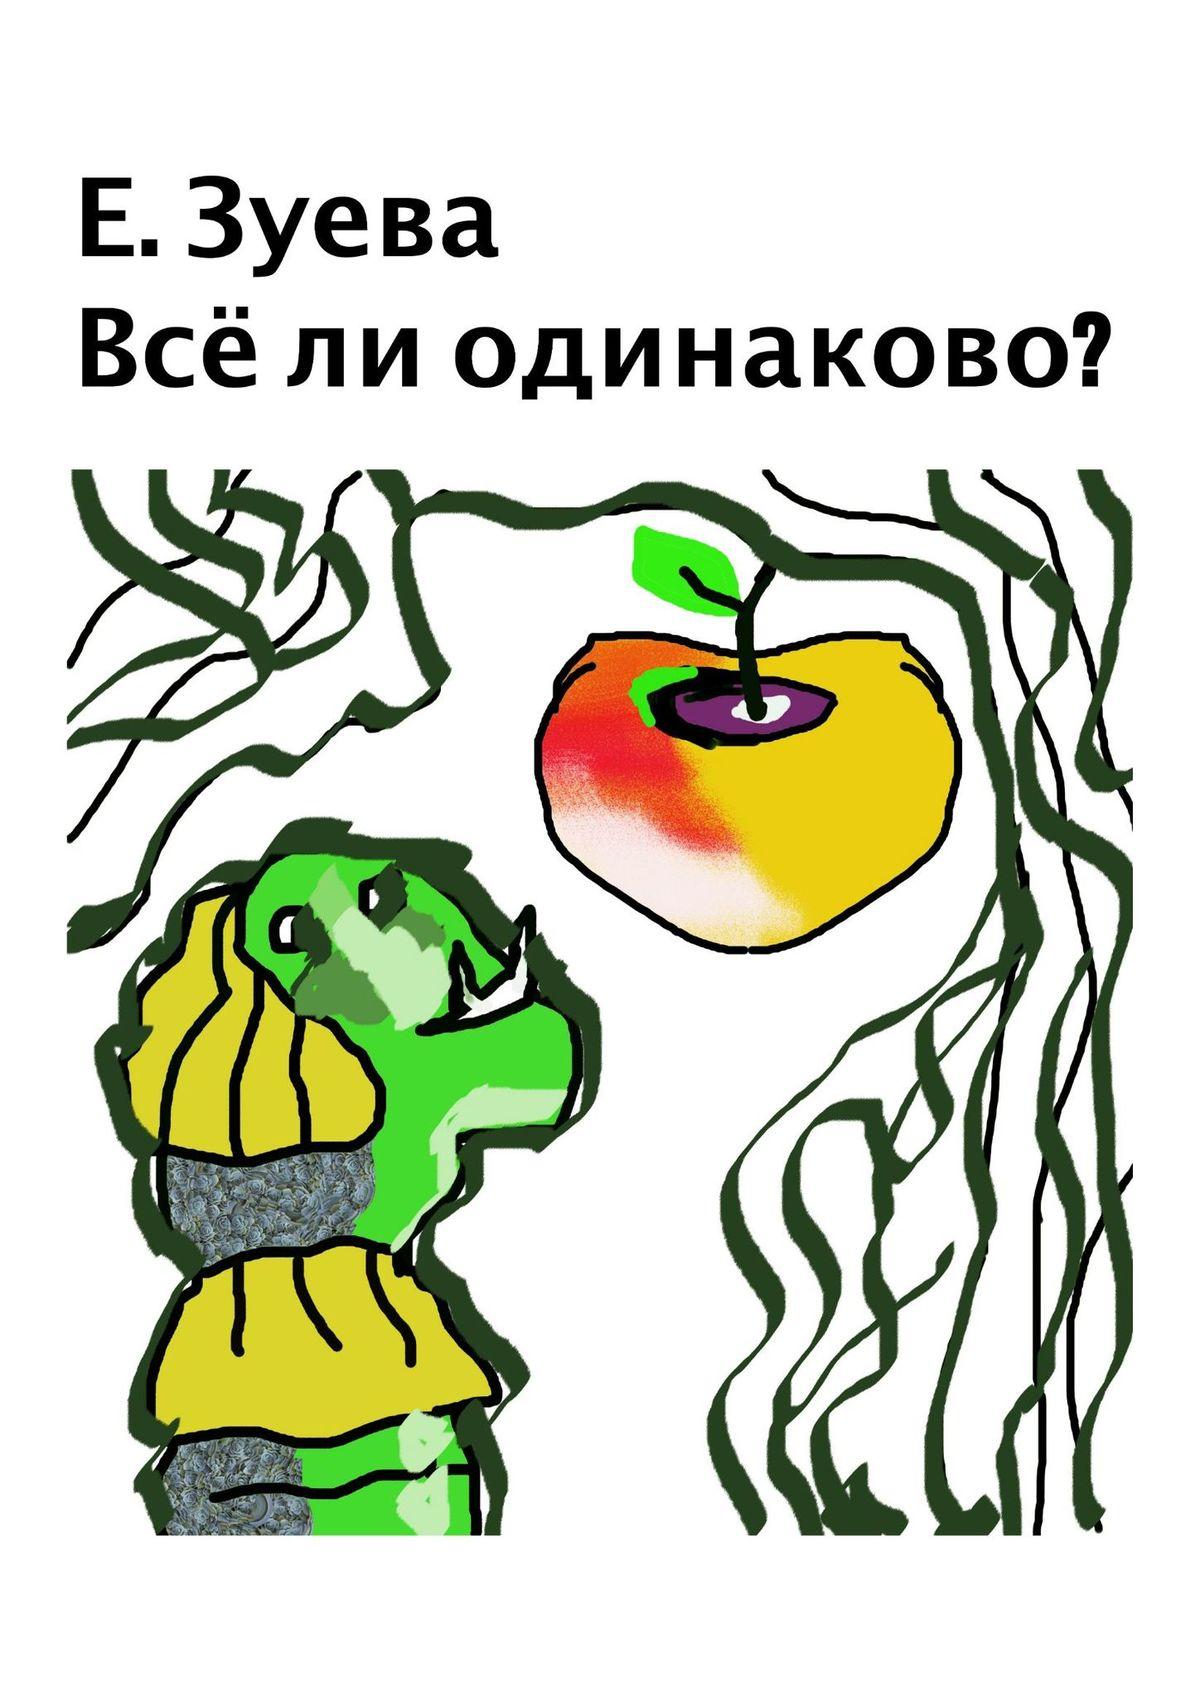 Екатерина Зуева Всёли одинаково? Стихи для детей екатерина зуева стихи к 1 января